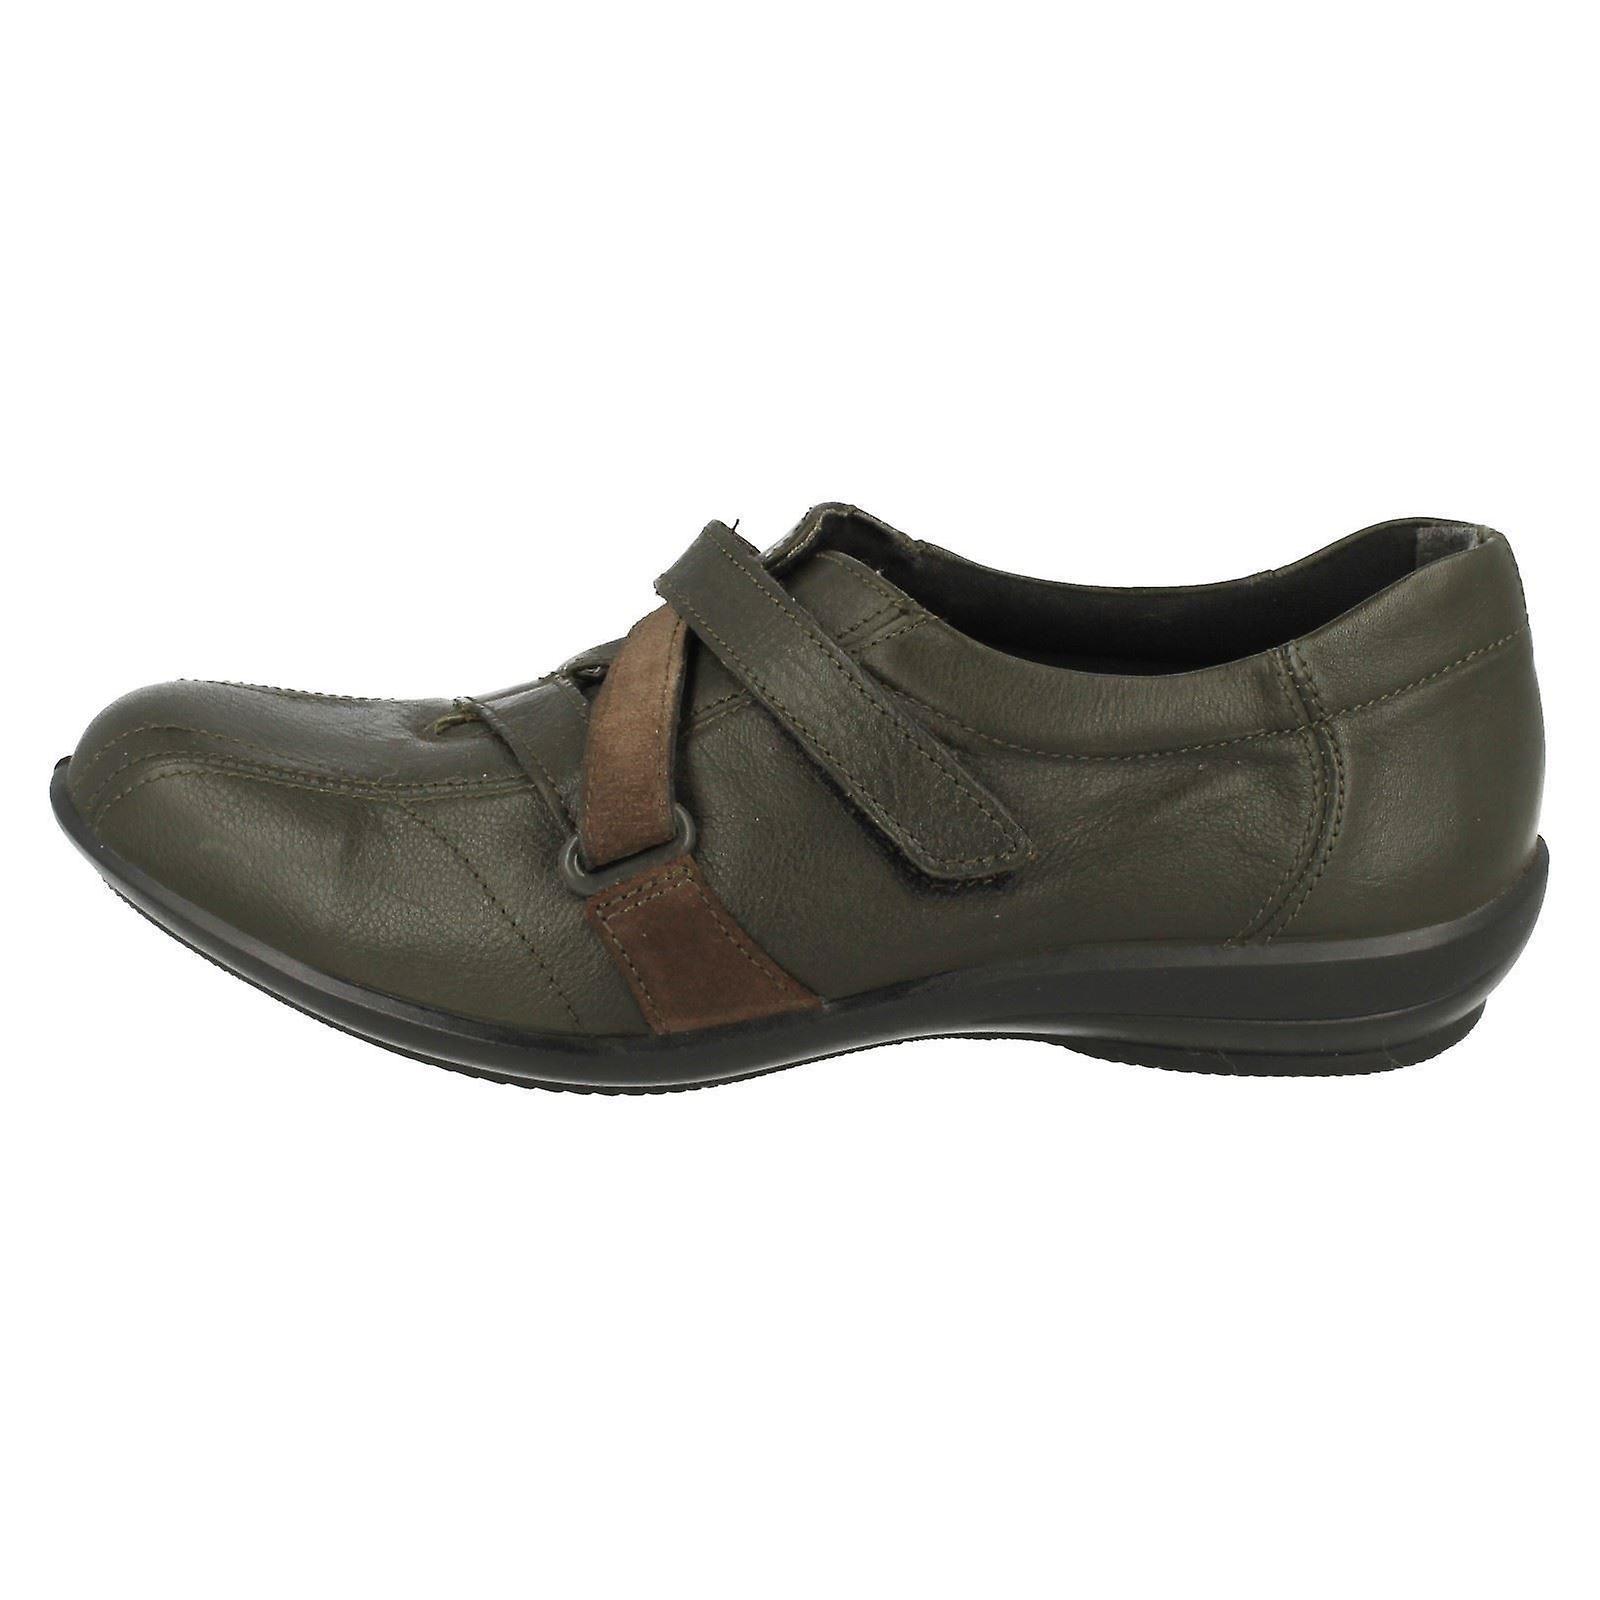 Panie szerokie dopasowanie butów Anna łatwe B LT1O9